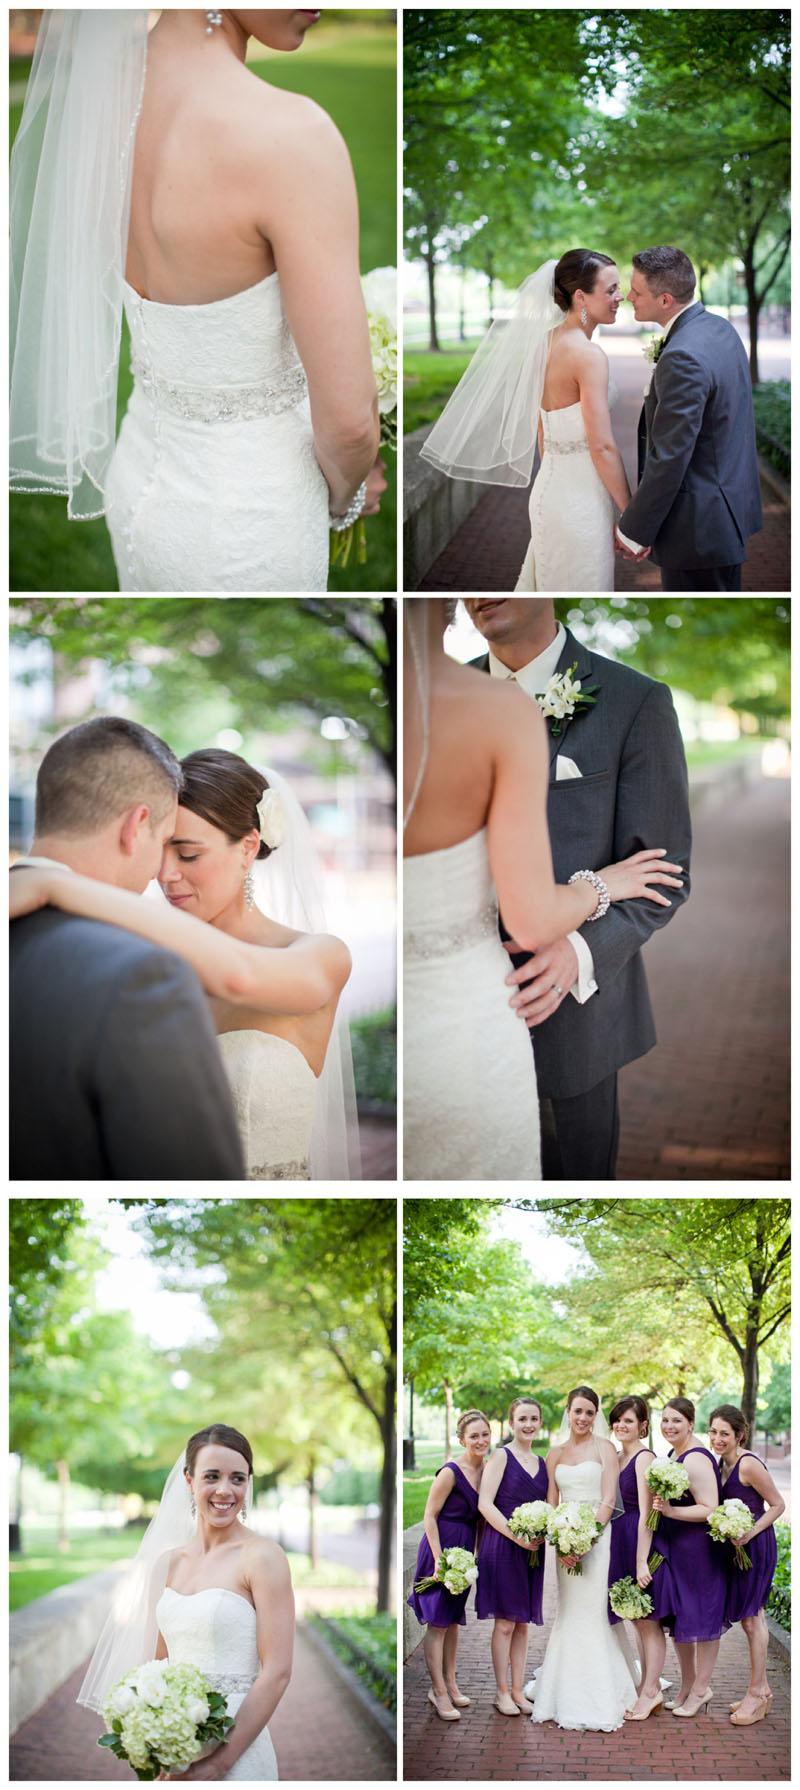 LilyGlassPhotography_Columbus Ohio Wedding Photography10.jpg